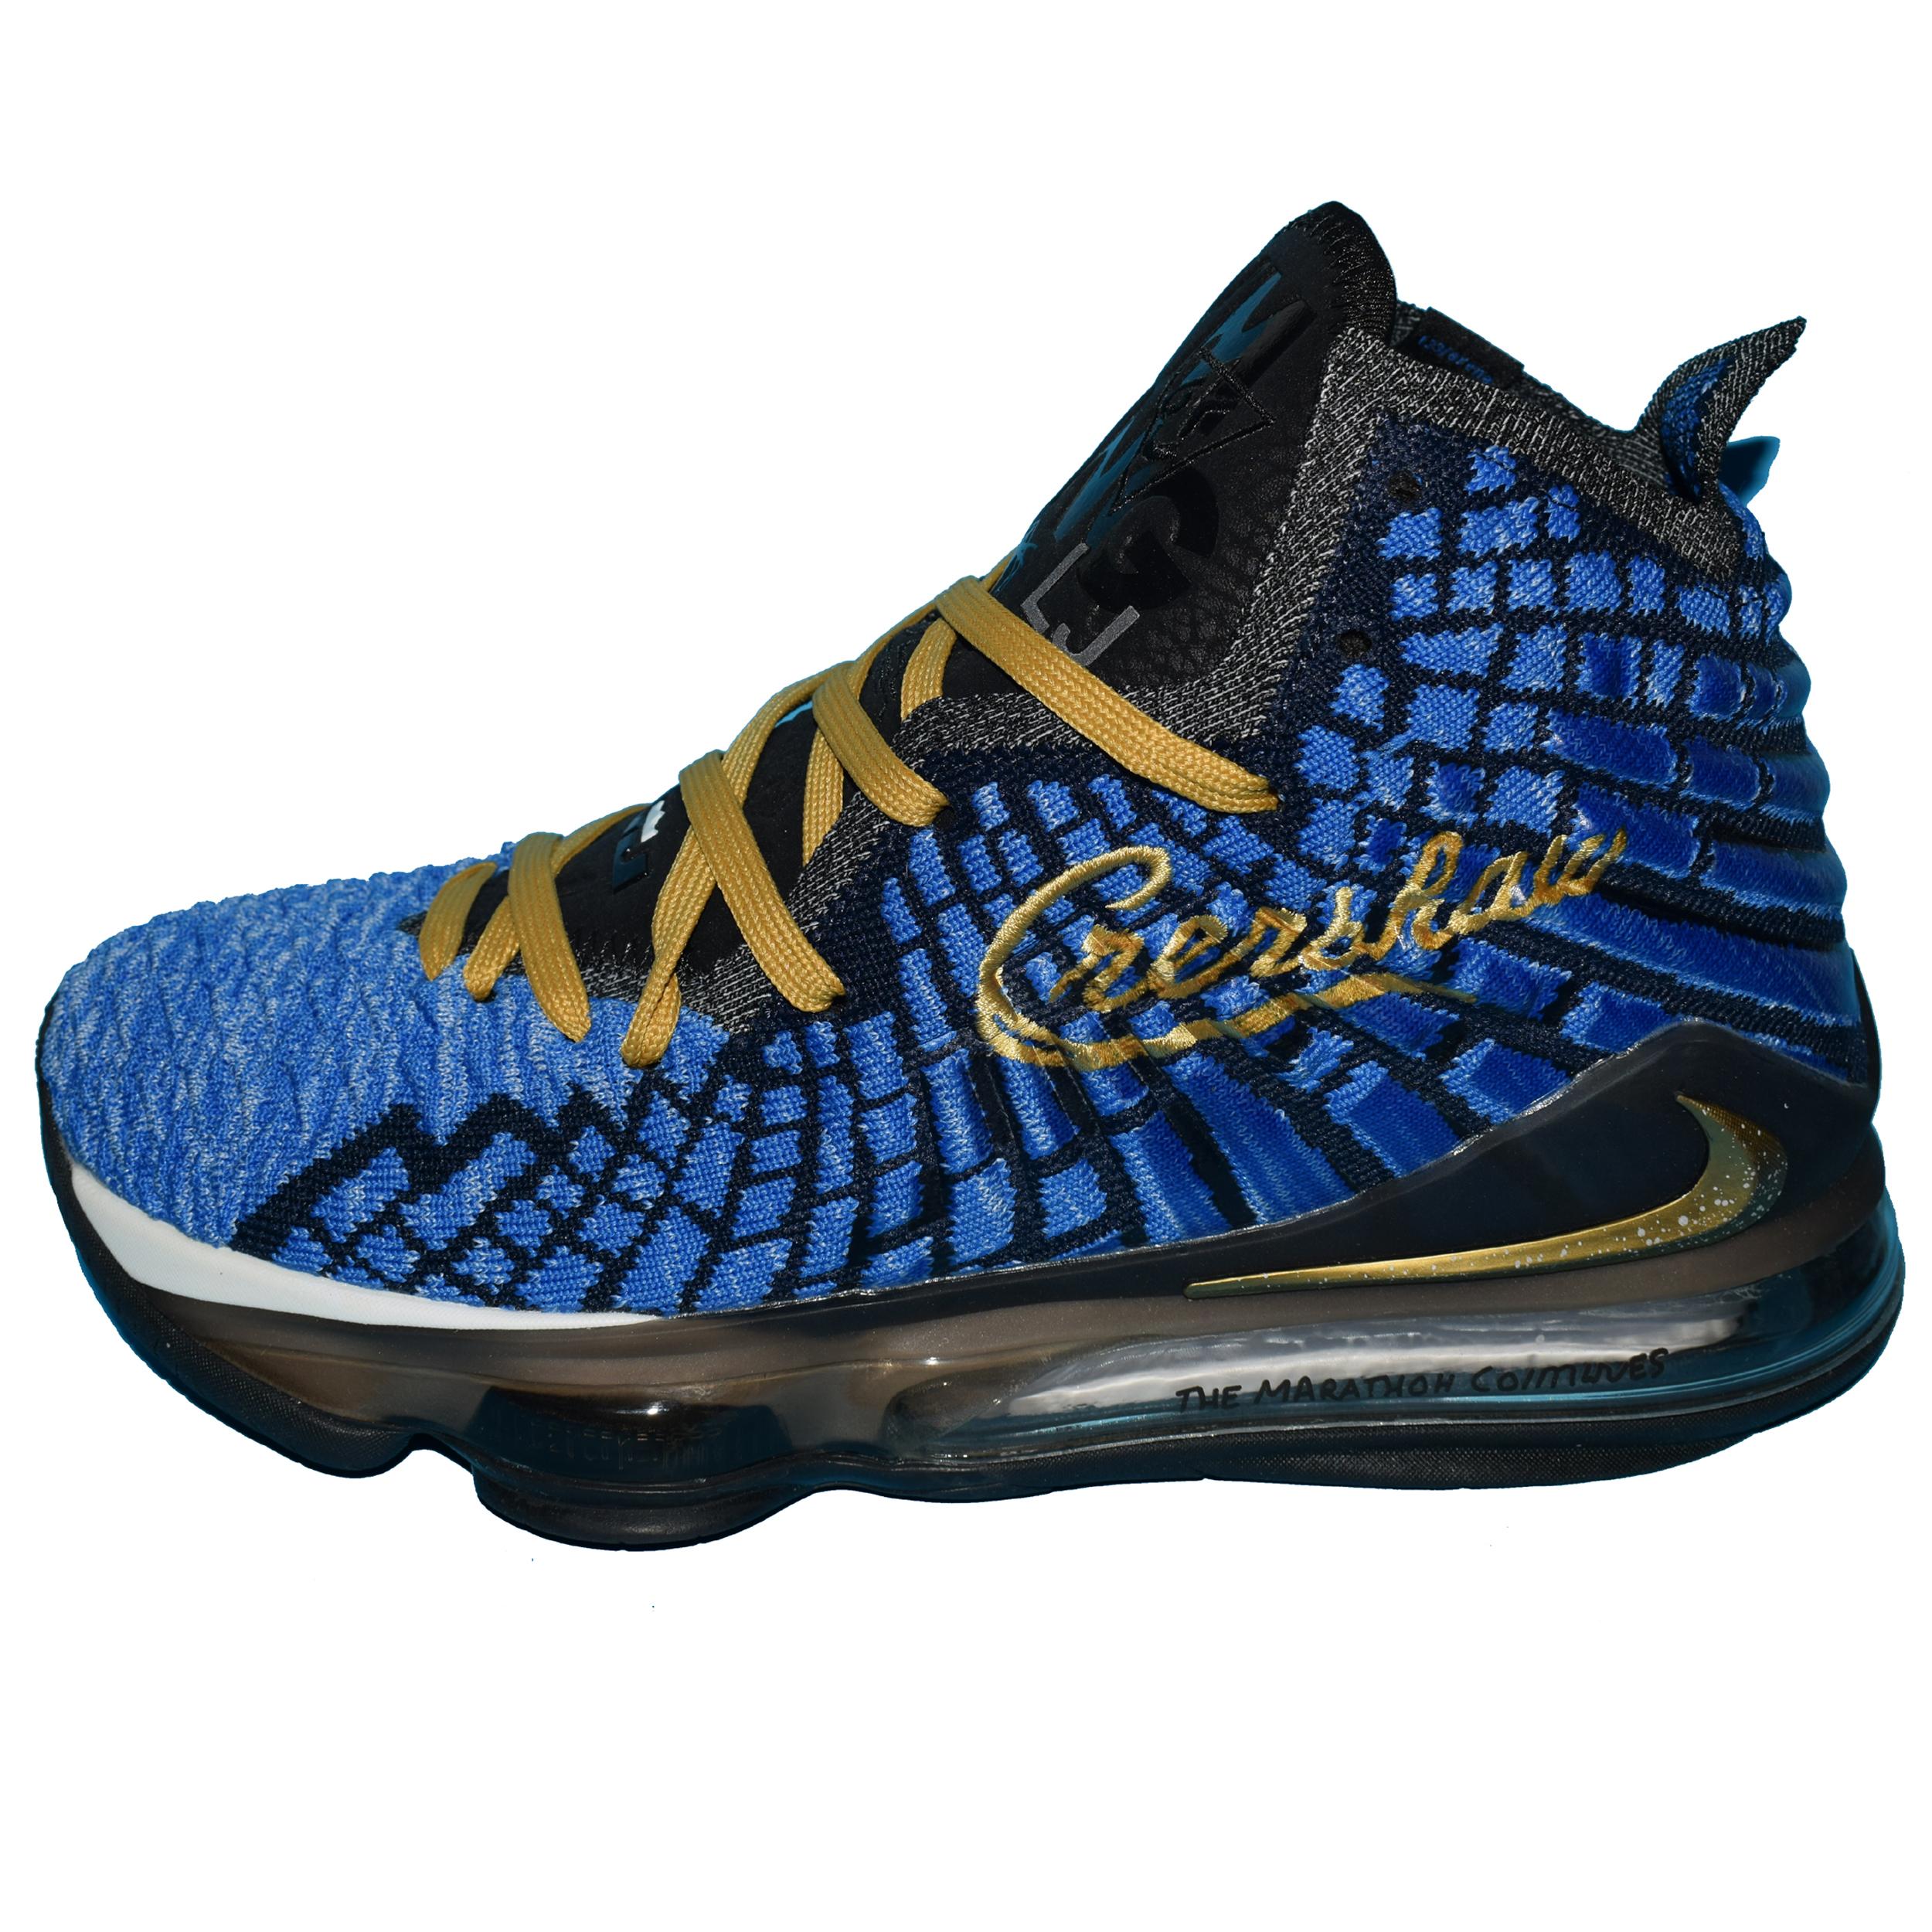 خرید                      کفش بسکتبال مردانه نایکی مدل Lebron 17              👟